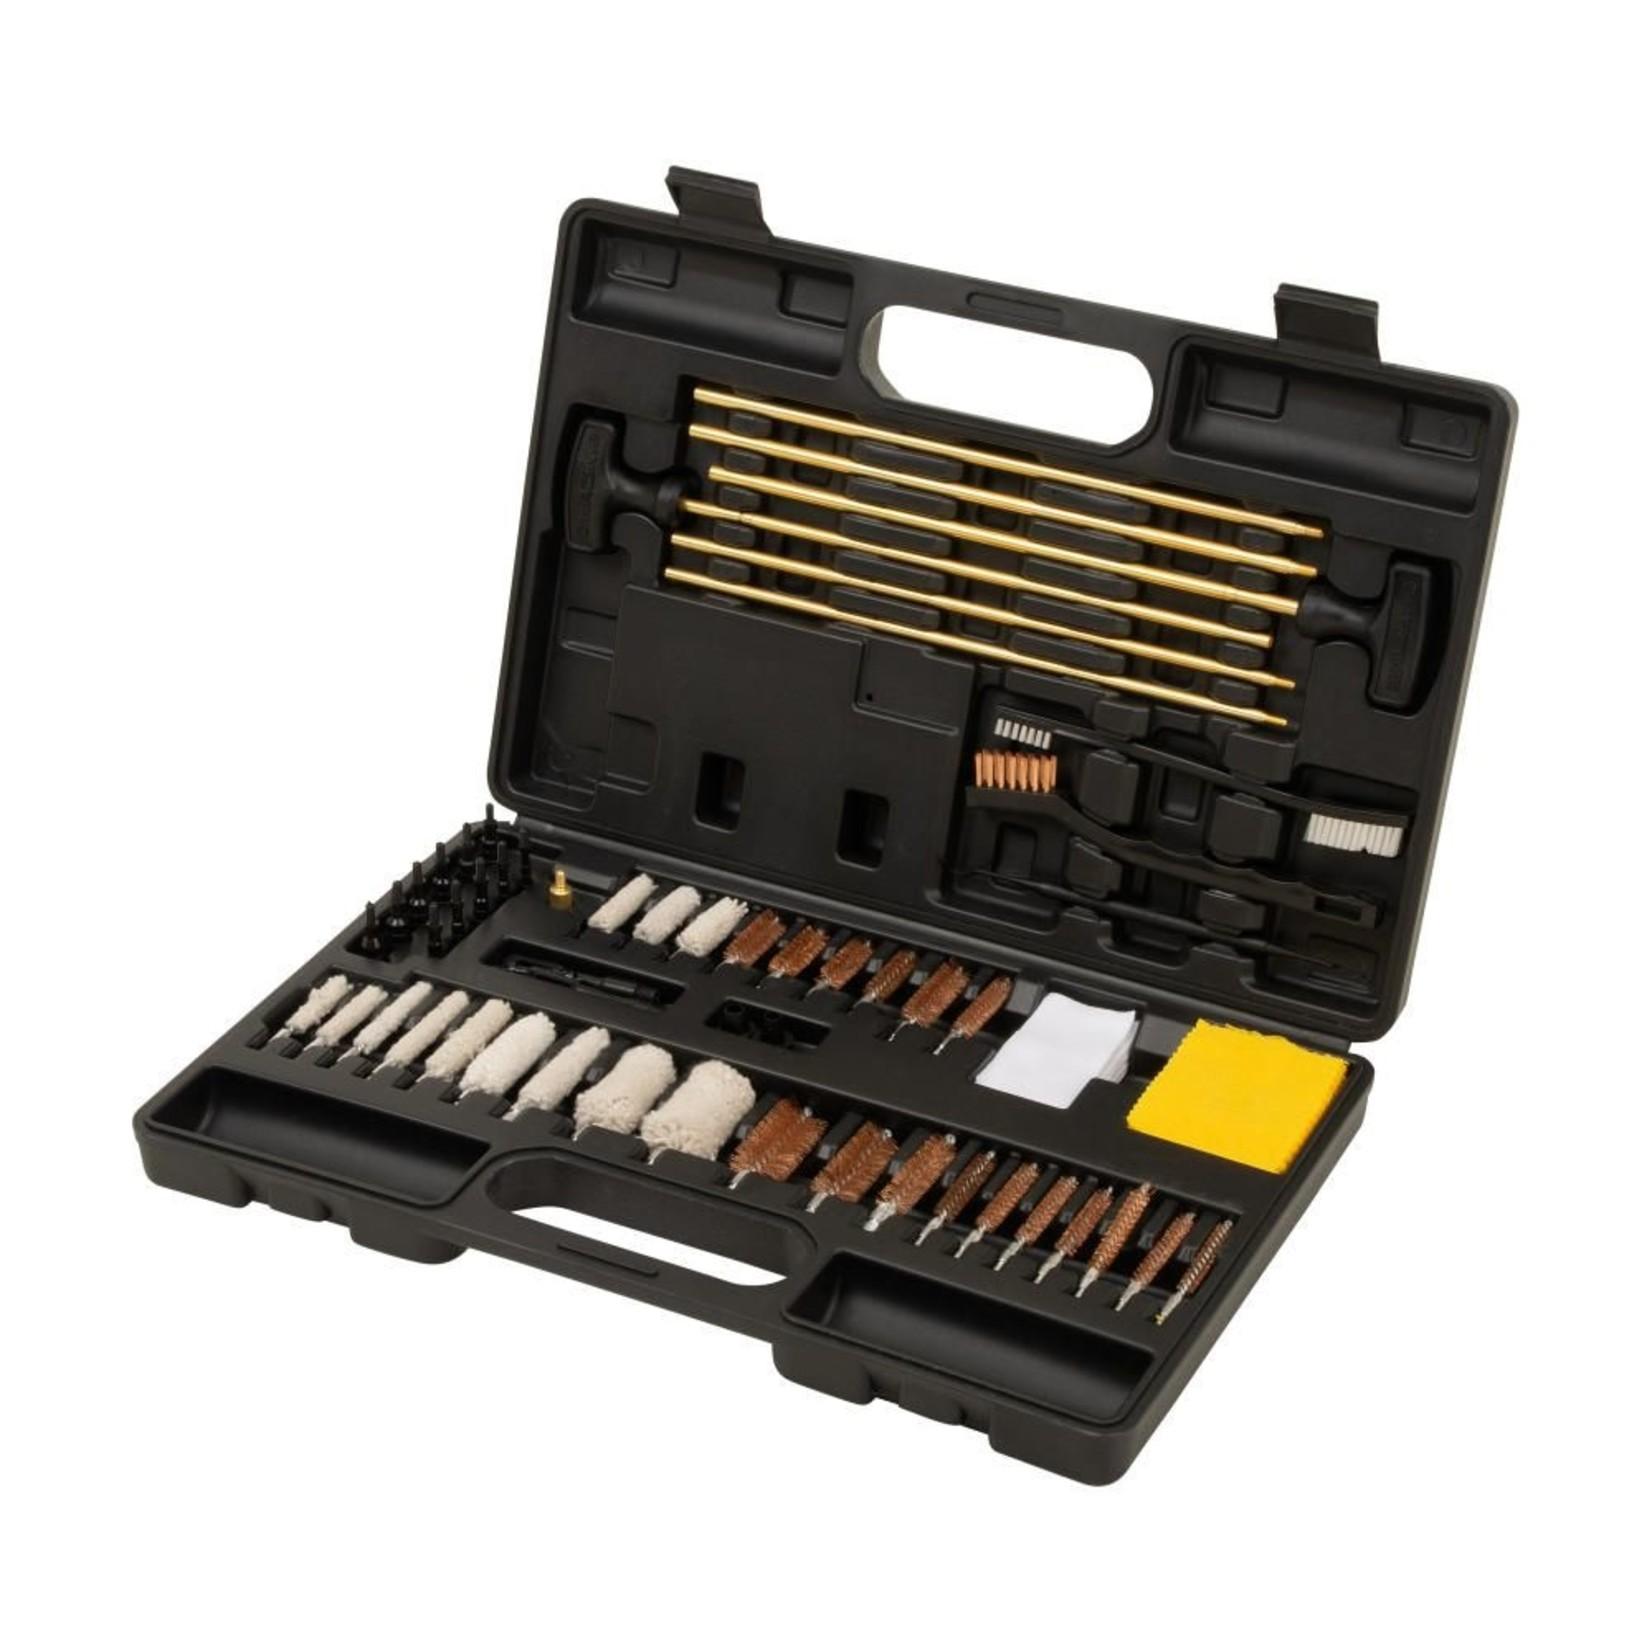 Allen Krome Stronghold Universal Cleaninig Kit 60 Piece Rifle / Shotgun / Handgun